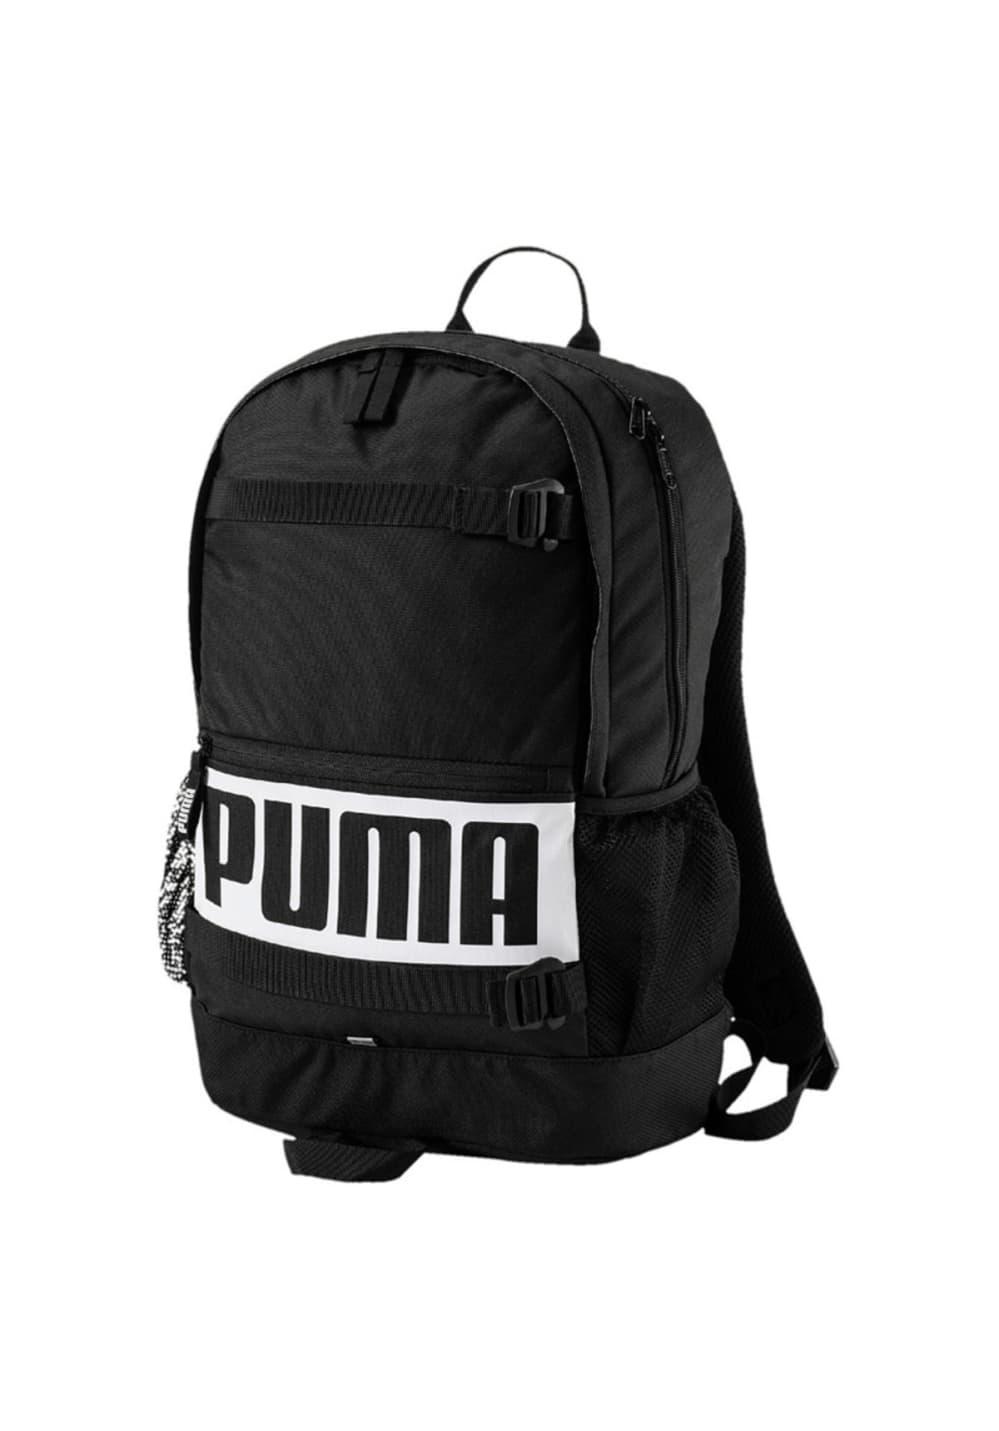 Puma Deck Backpack Rucksäcke - Schwarz